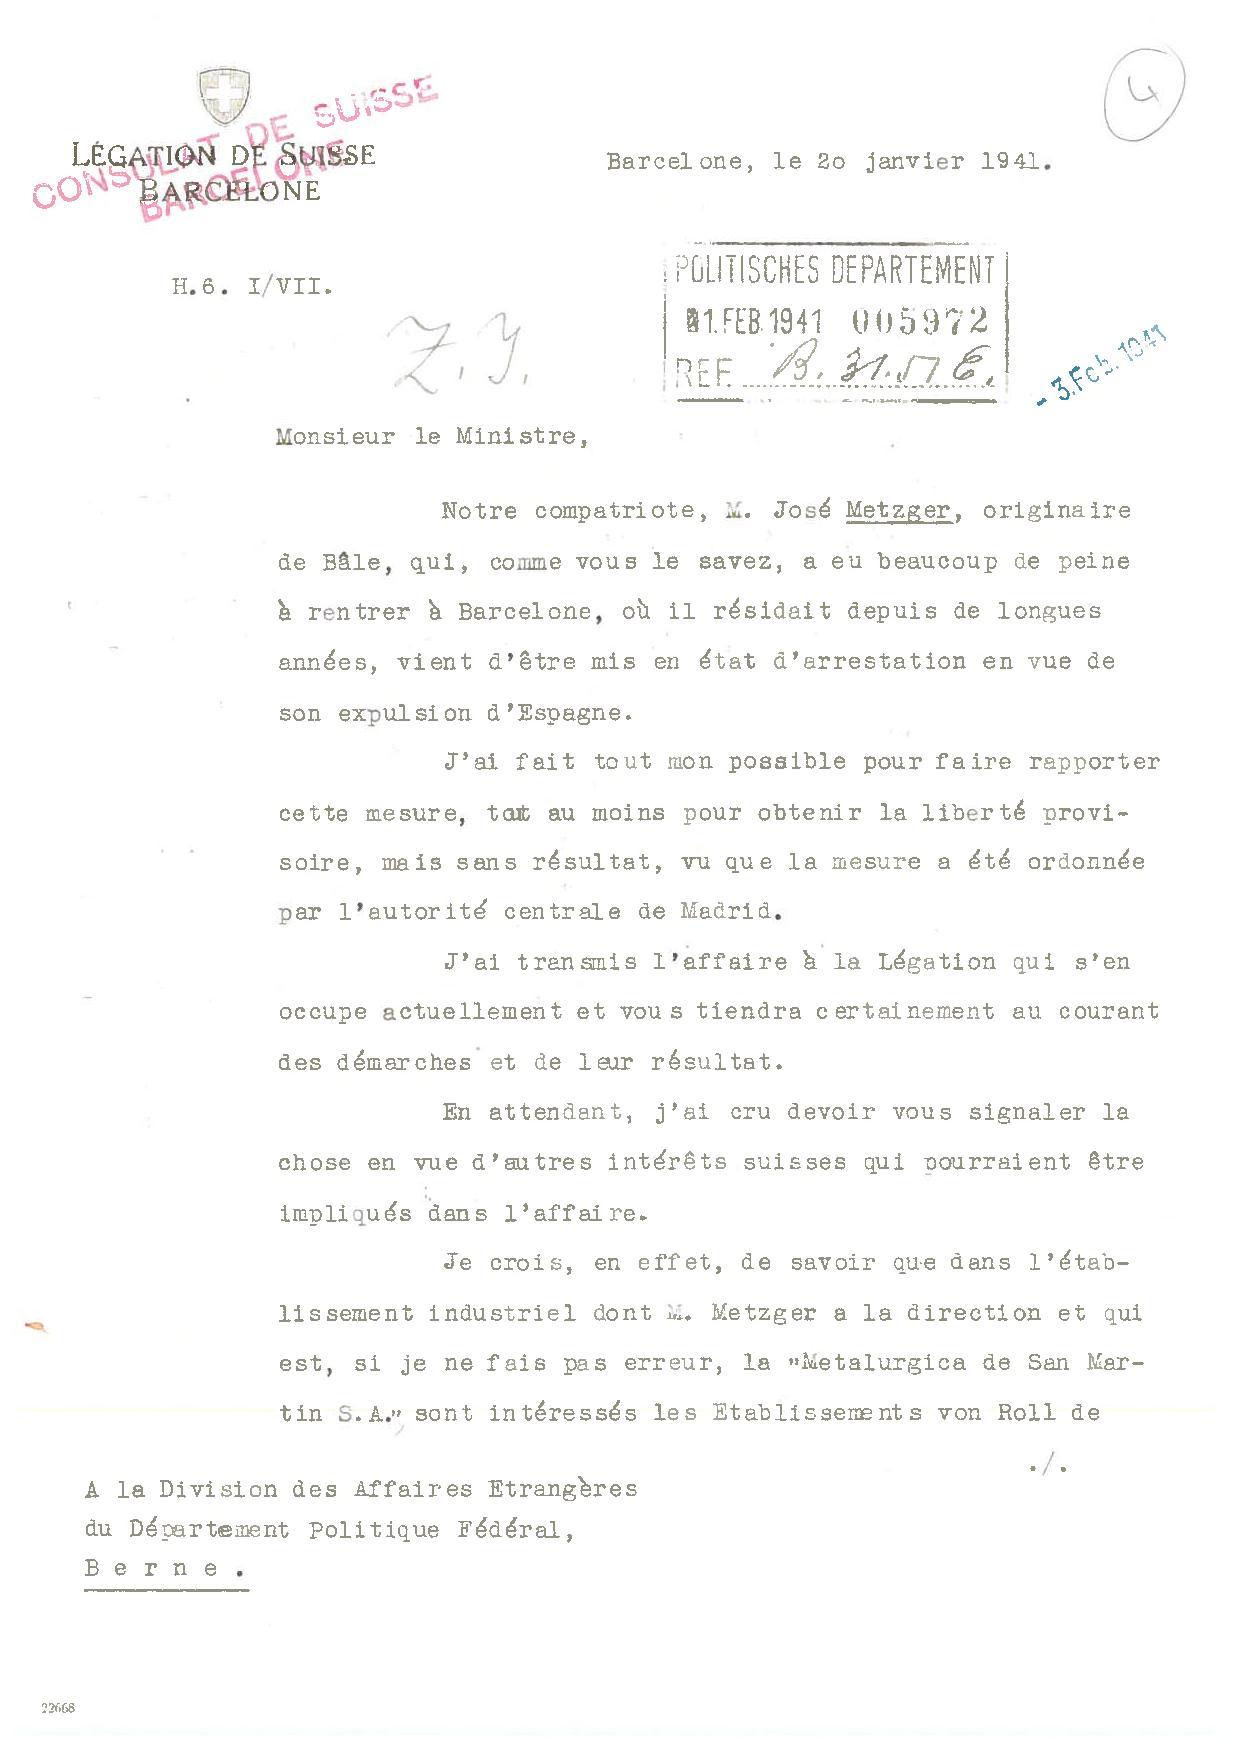 El 14 de febrer de 1941 l'ambaixada suïssa de Madrid envia una carta a la Divisió d'Afers Estrangers del Departament Polític Federal a Berna, donant resposta a uns requeriments efectuats sobre la persona de José Metzger.